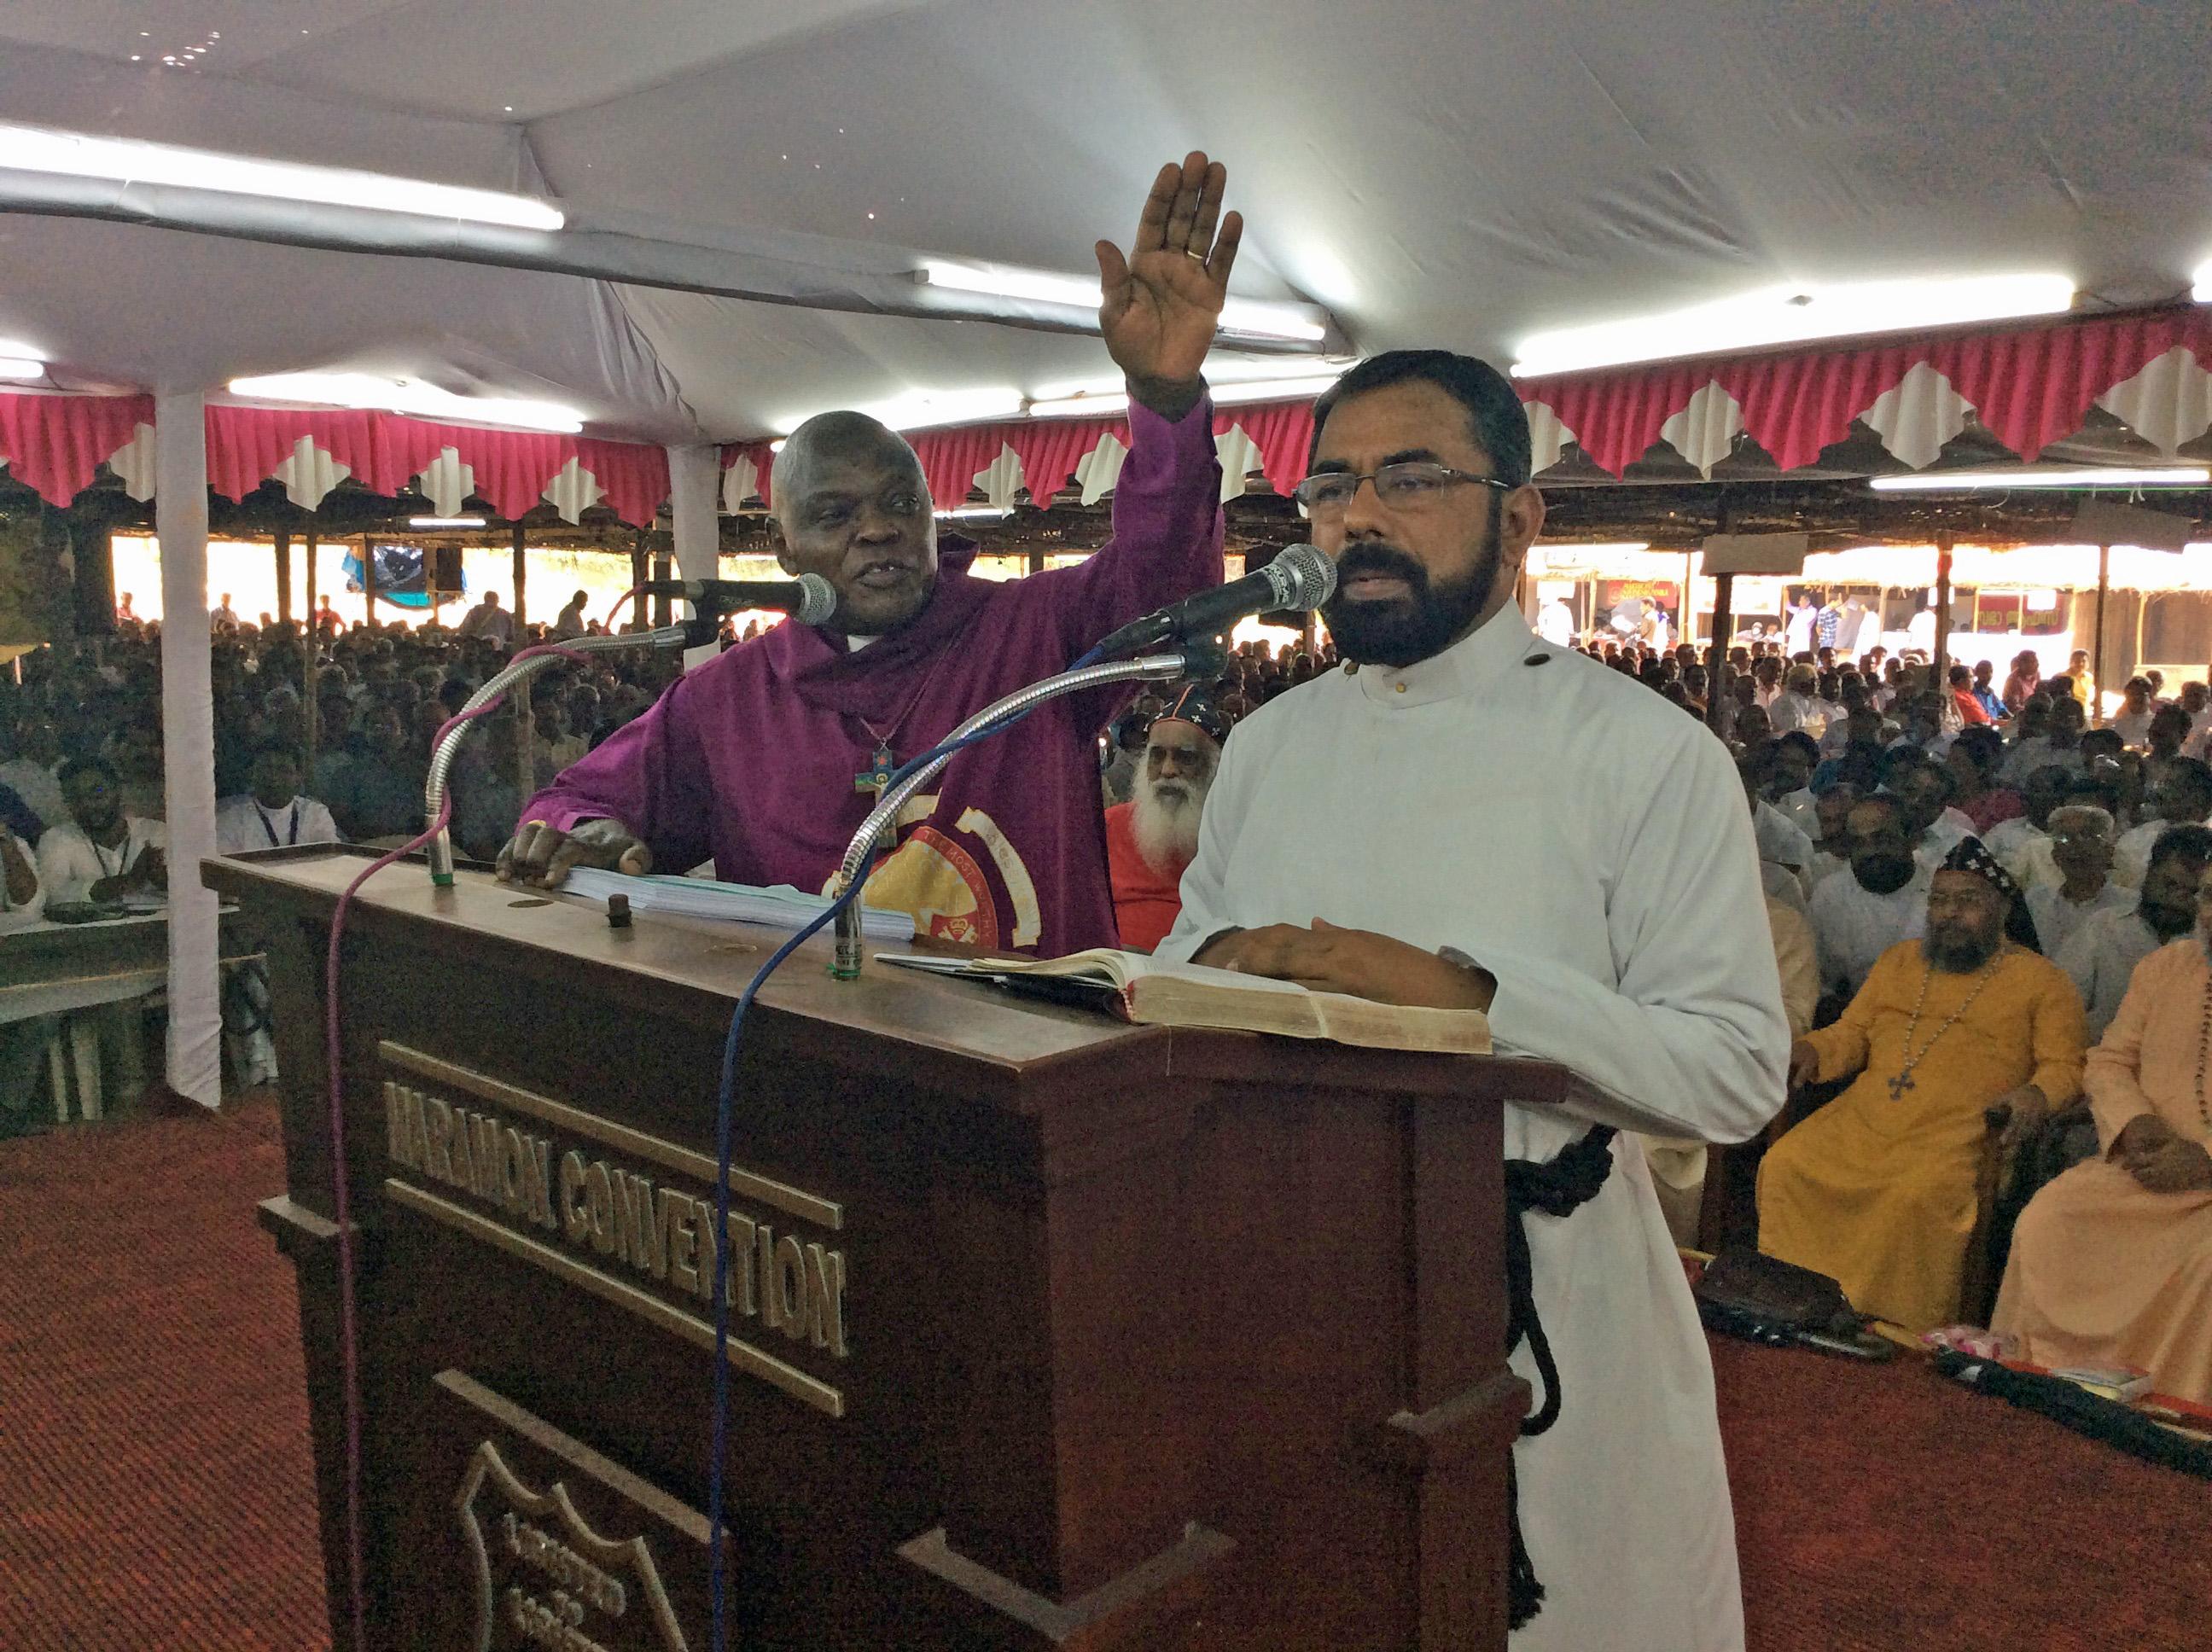 Mar Thoma Syrian Church Convention, 10 - 17 February 2019